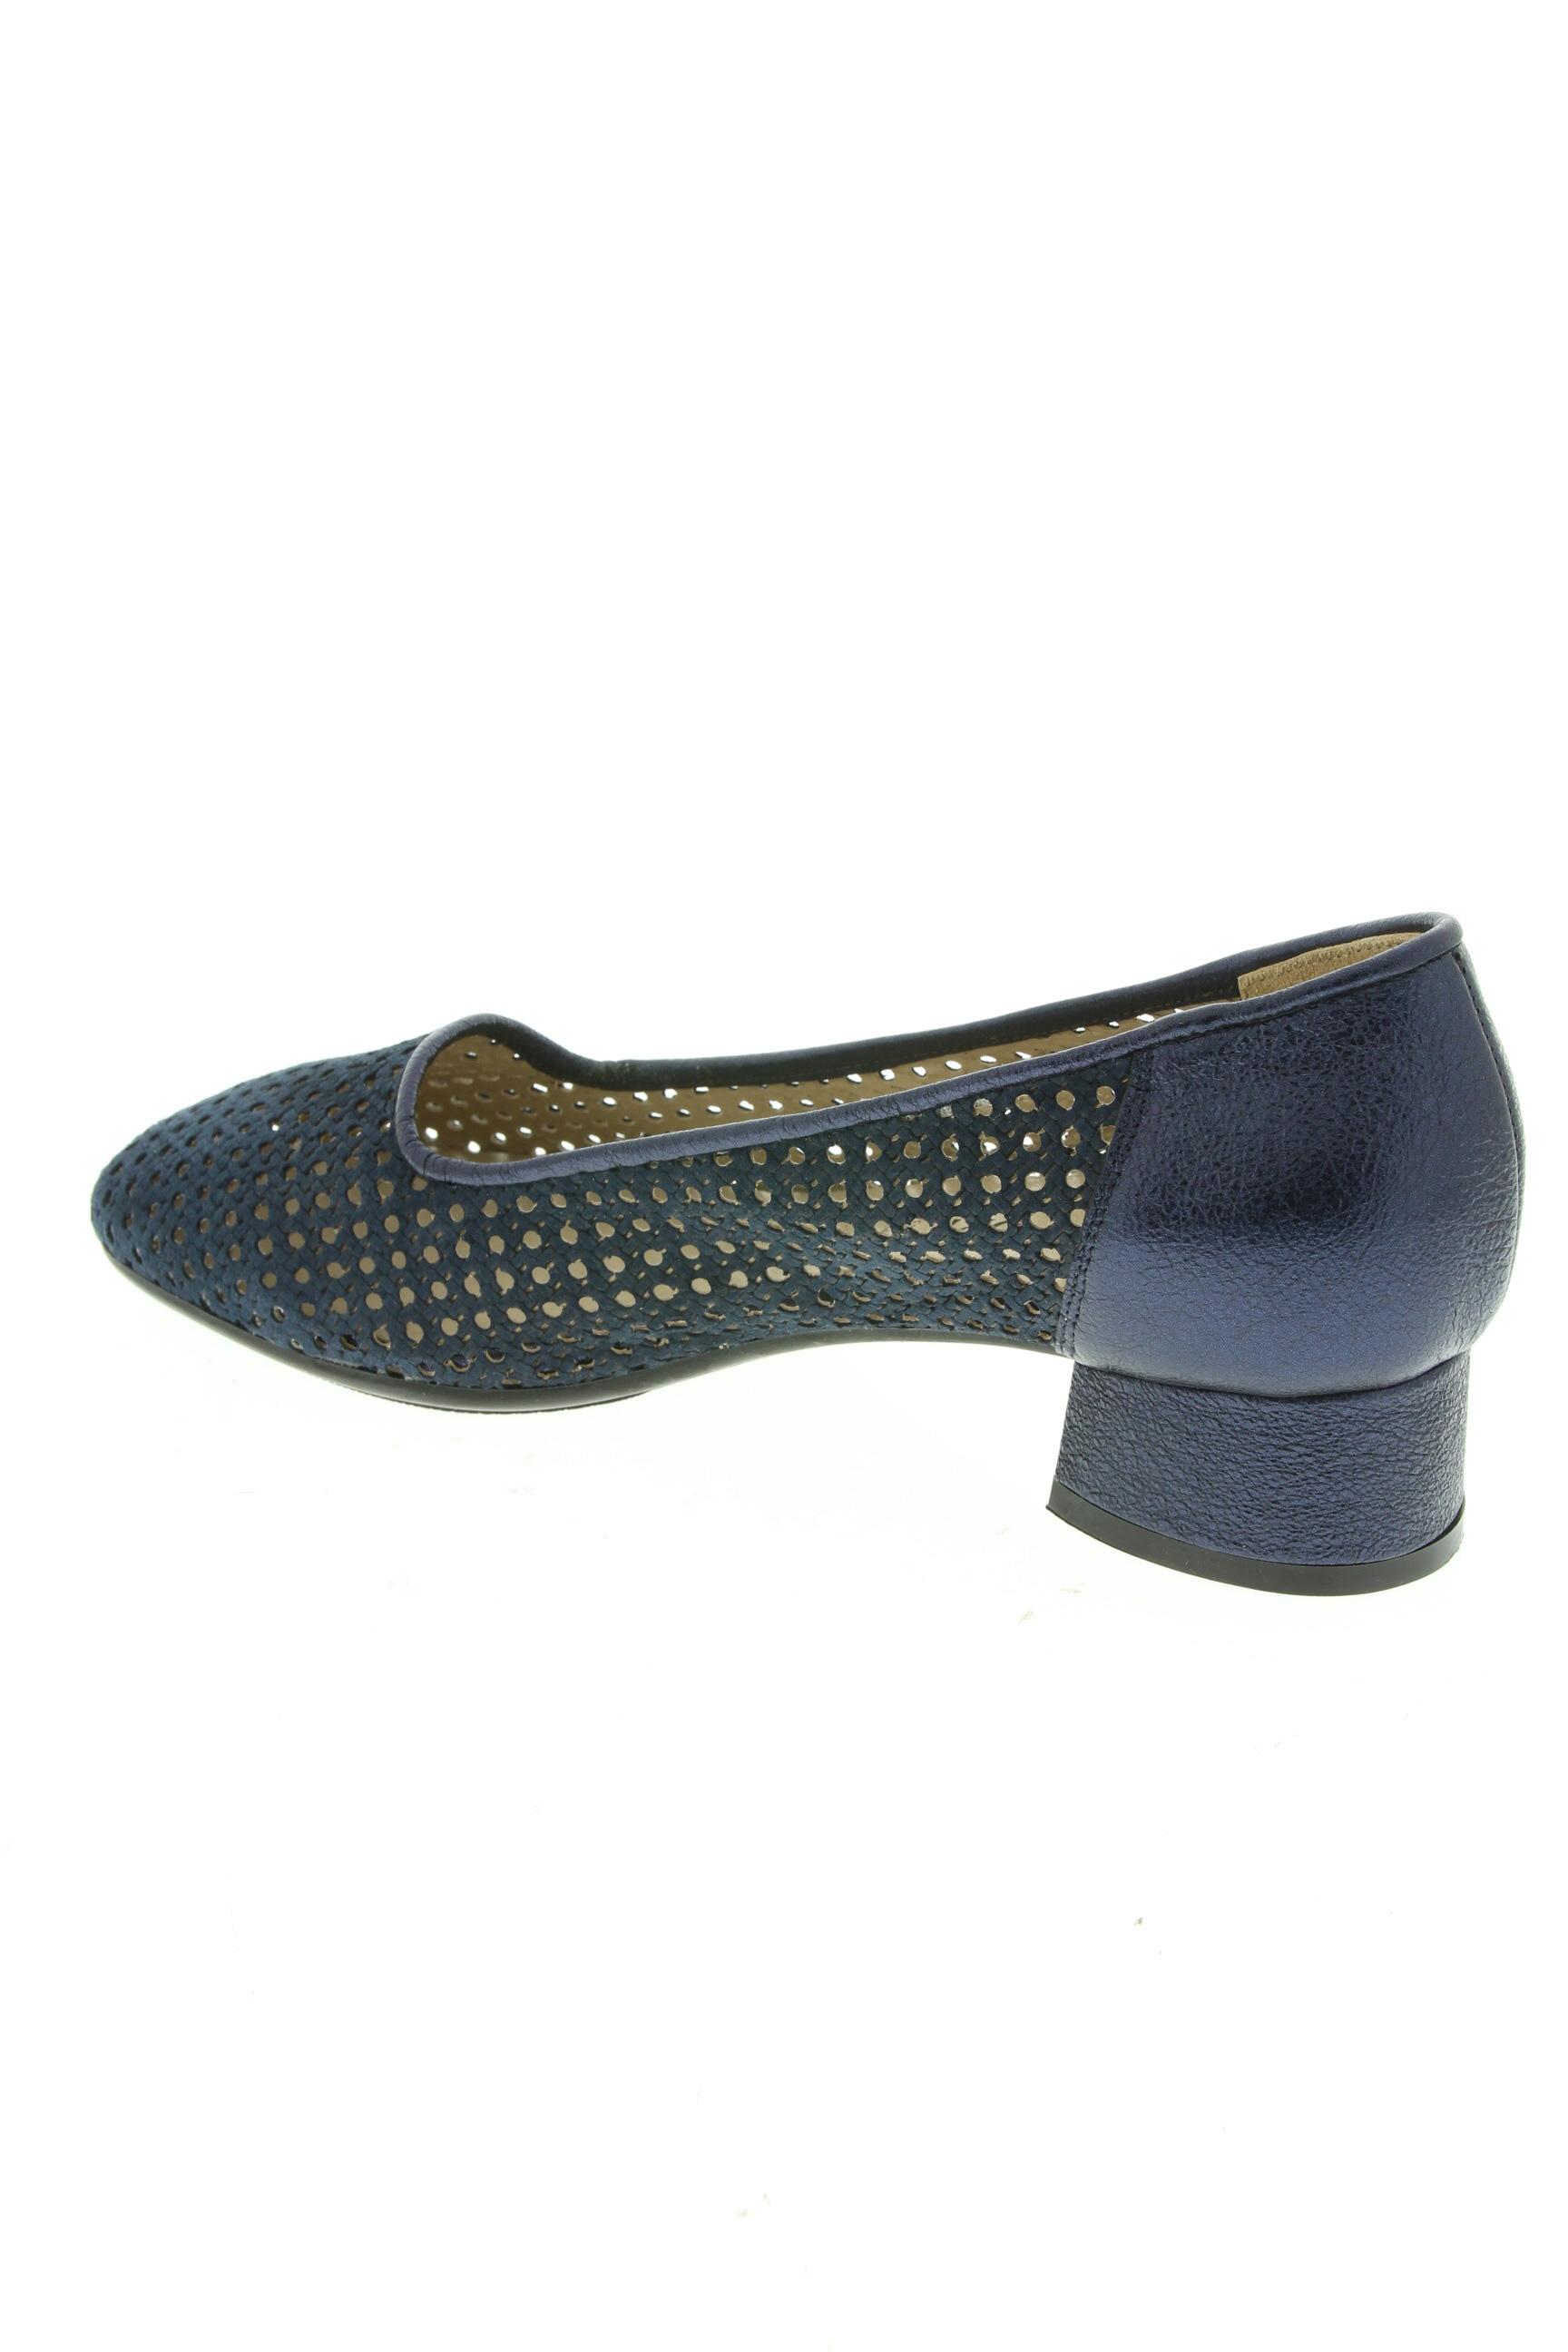 Confort Escarpins Femme De Couleur Bleu En Soldes Pas Cher 1290326-bleu00